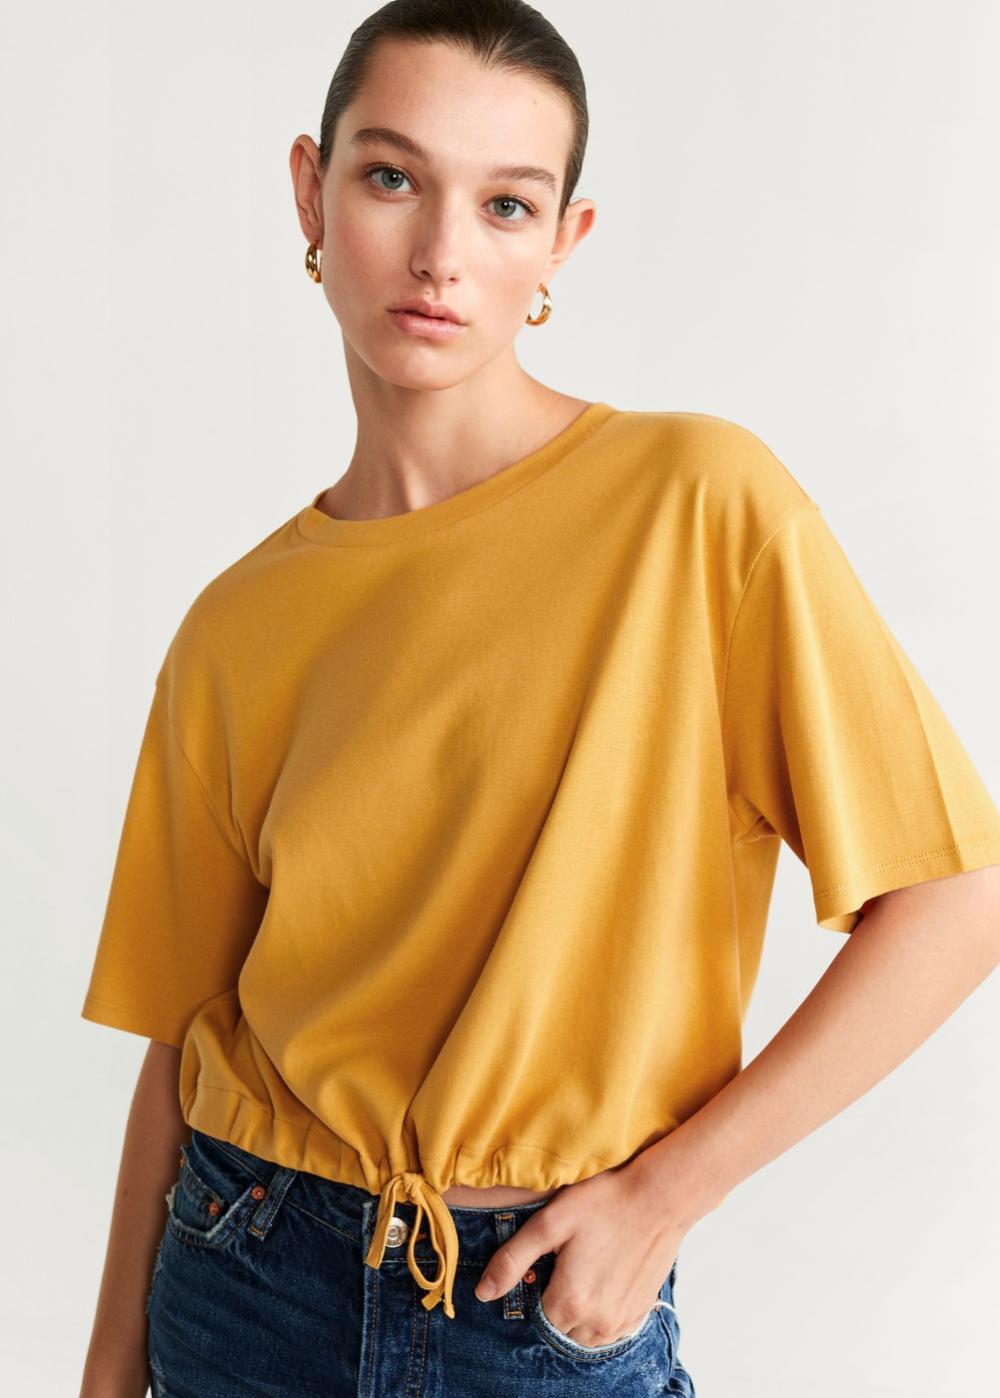 Adjustable Cord T Shirt Women Mango Usa In 2020 Womens Shirts Women Short Tops